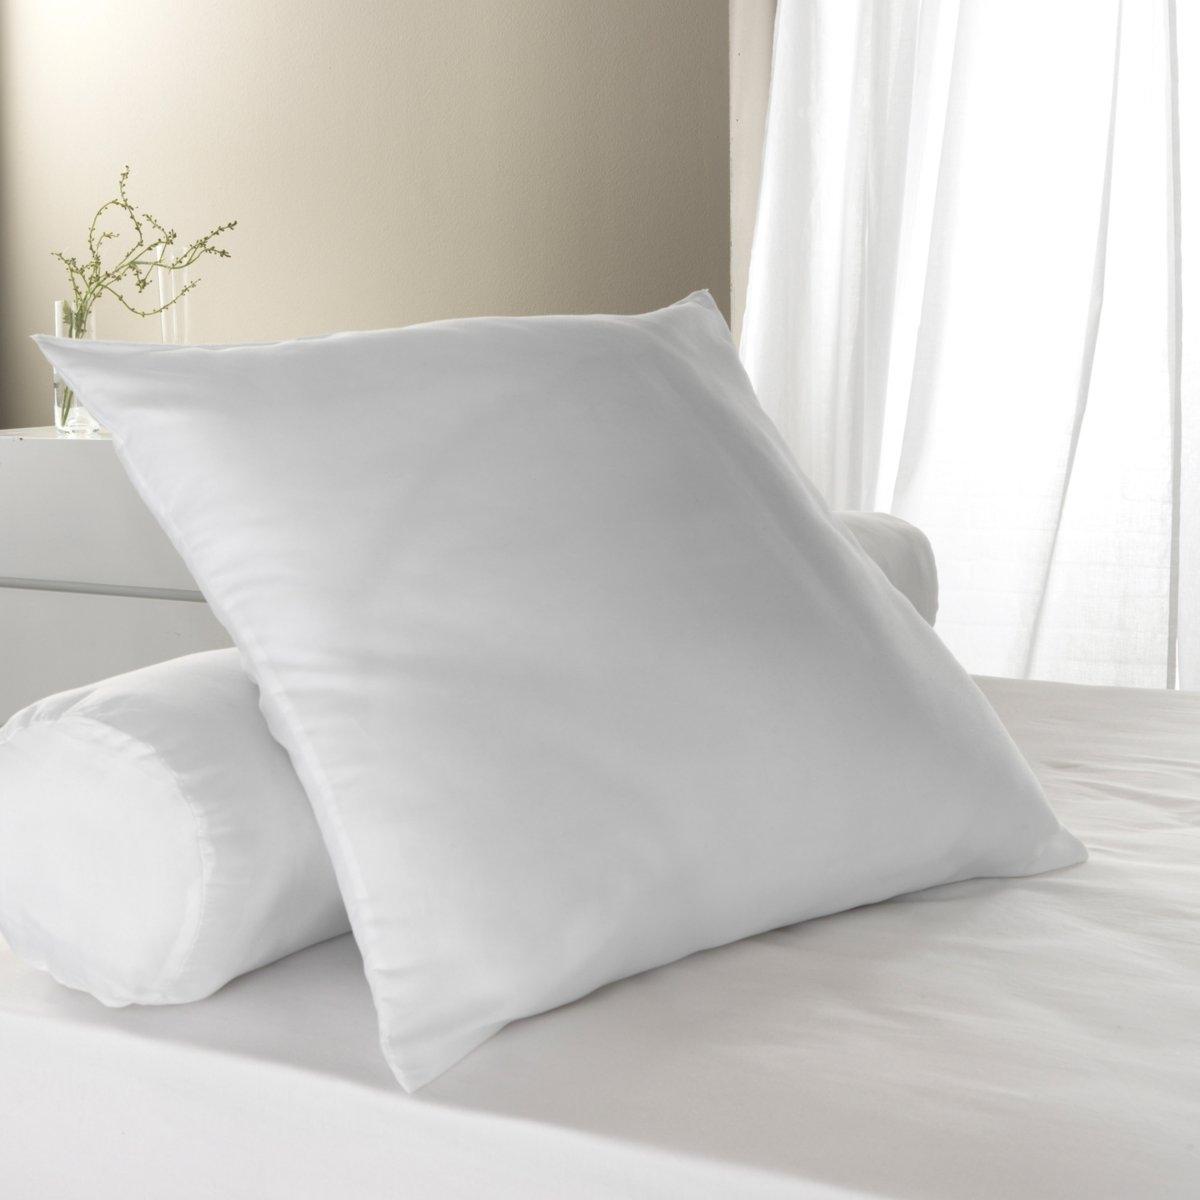 Подушка из синтетики в липецке айпэд цена качество